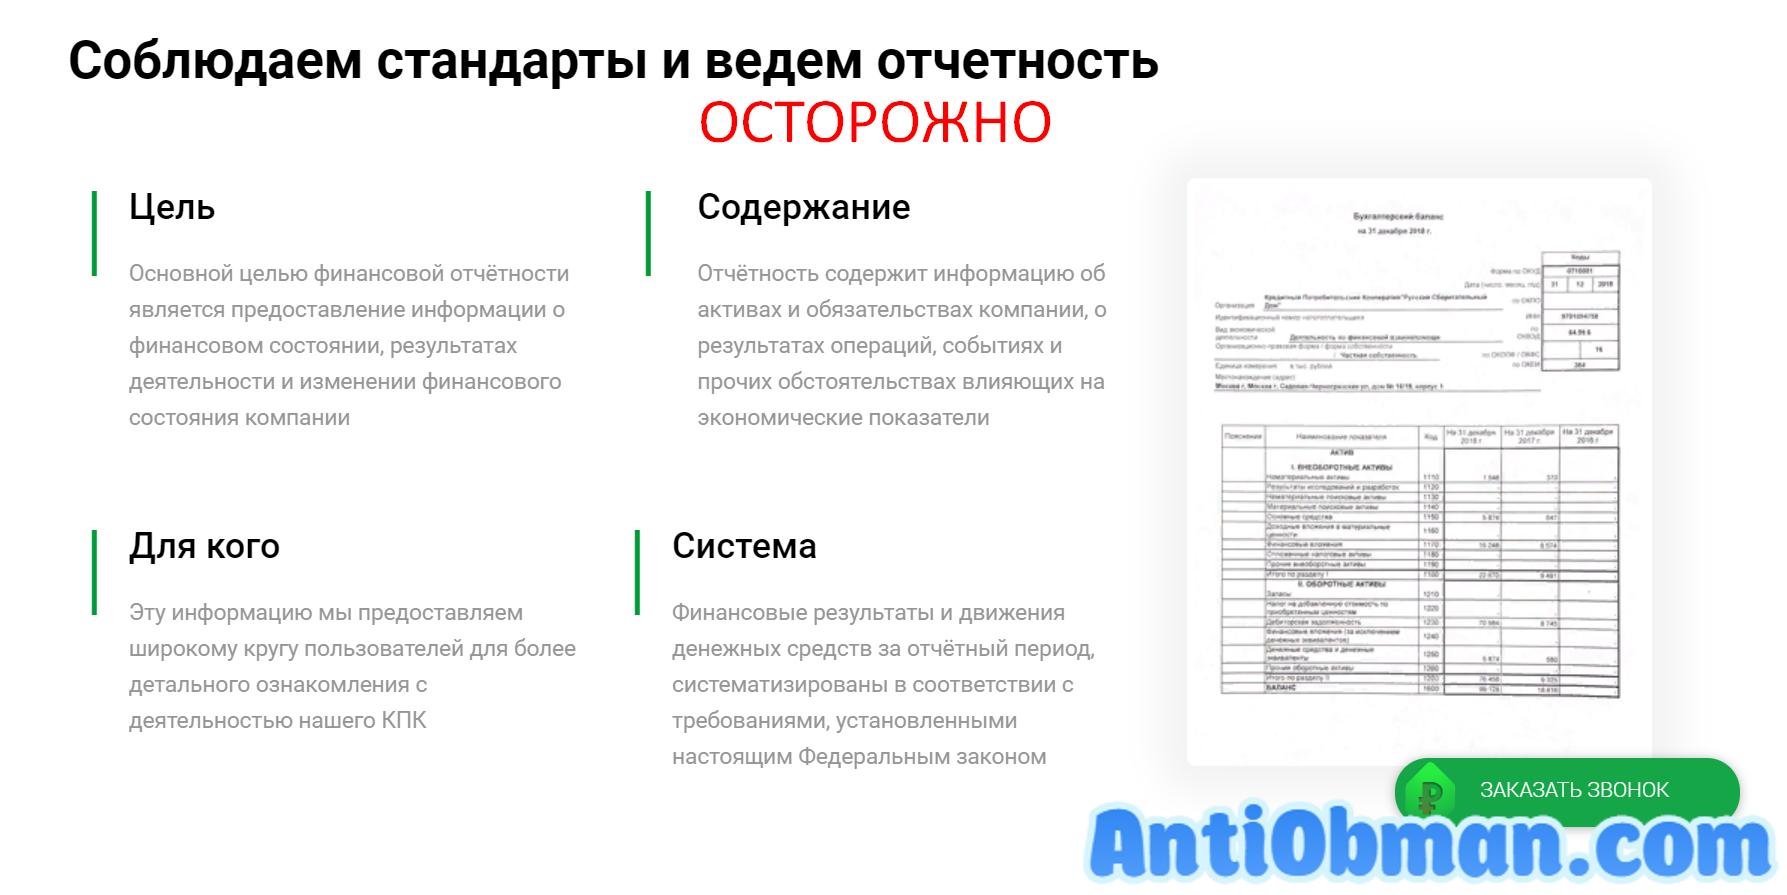 КПК Долголетие (kpkdolgoletie.ru) - реальные отзывы вкладчиков